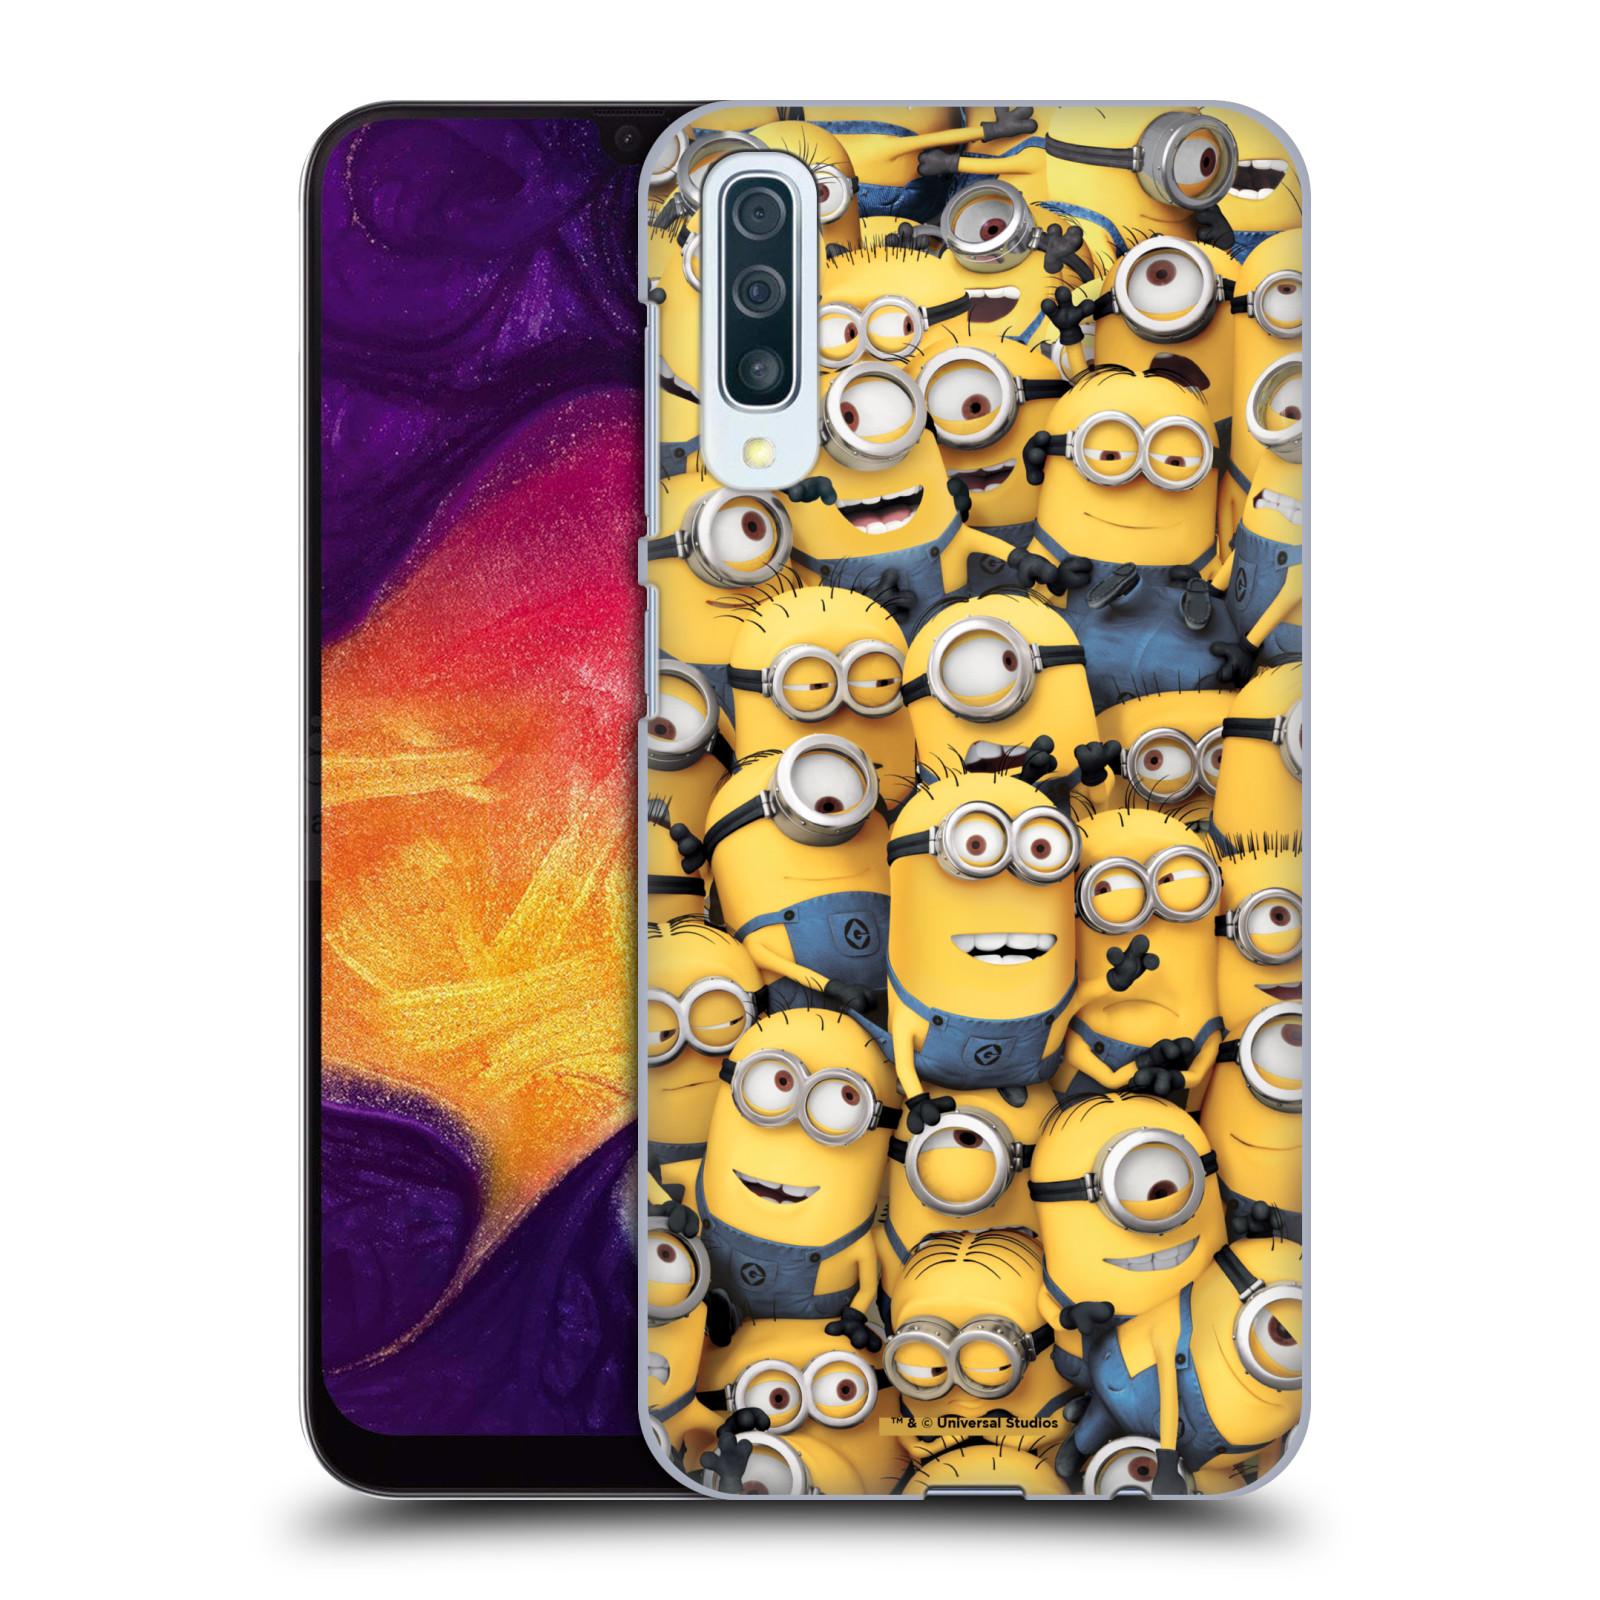 Plastové pouzdro na mobil Samsung Galaxy A50 - Head Case - Mimoni všude z filmu Já, padouch - Despicable Me